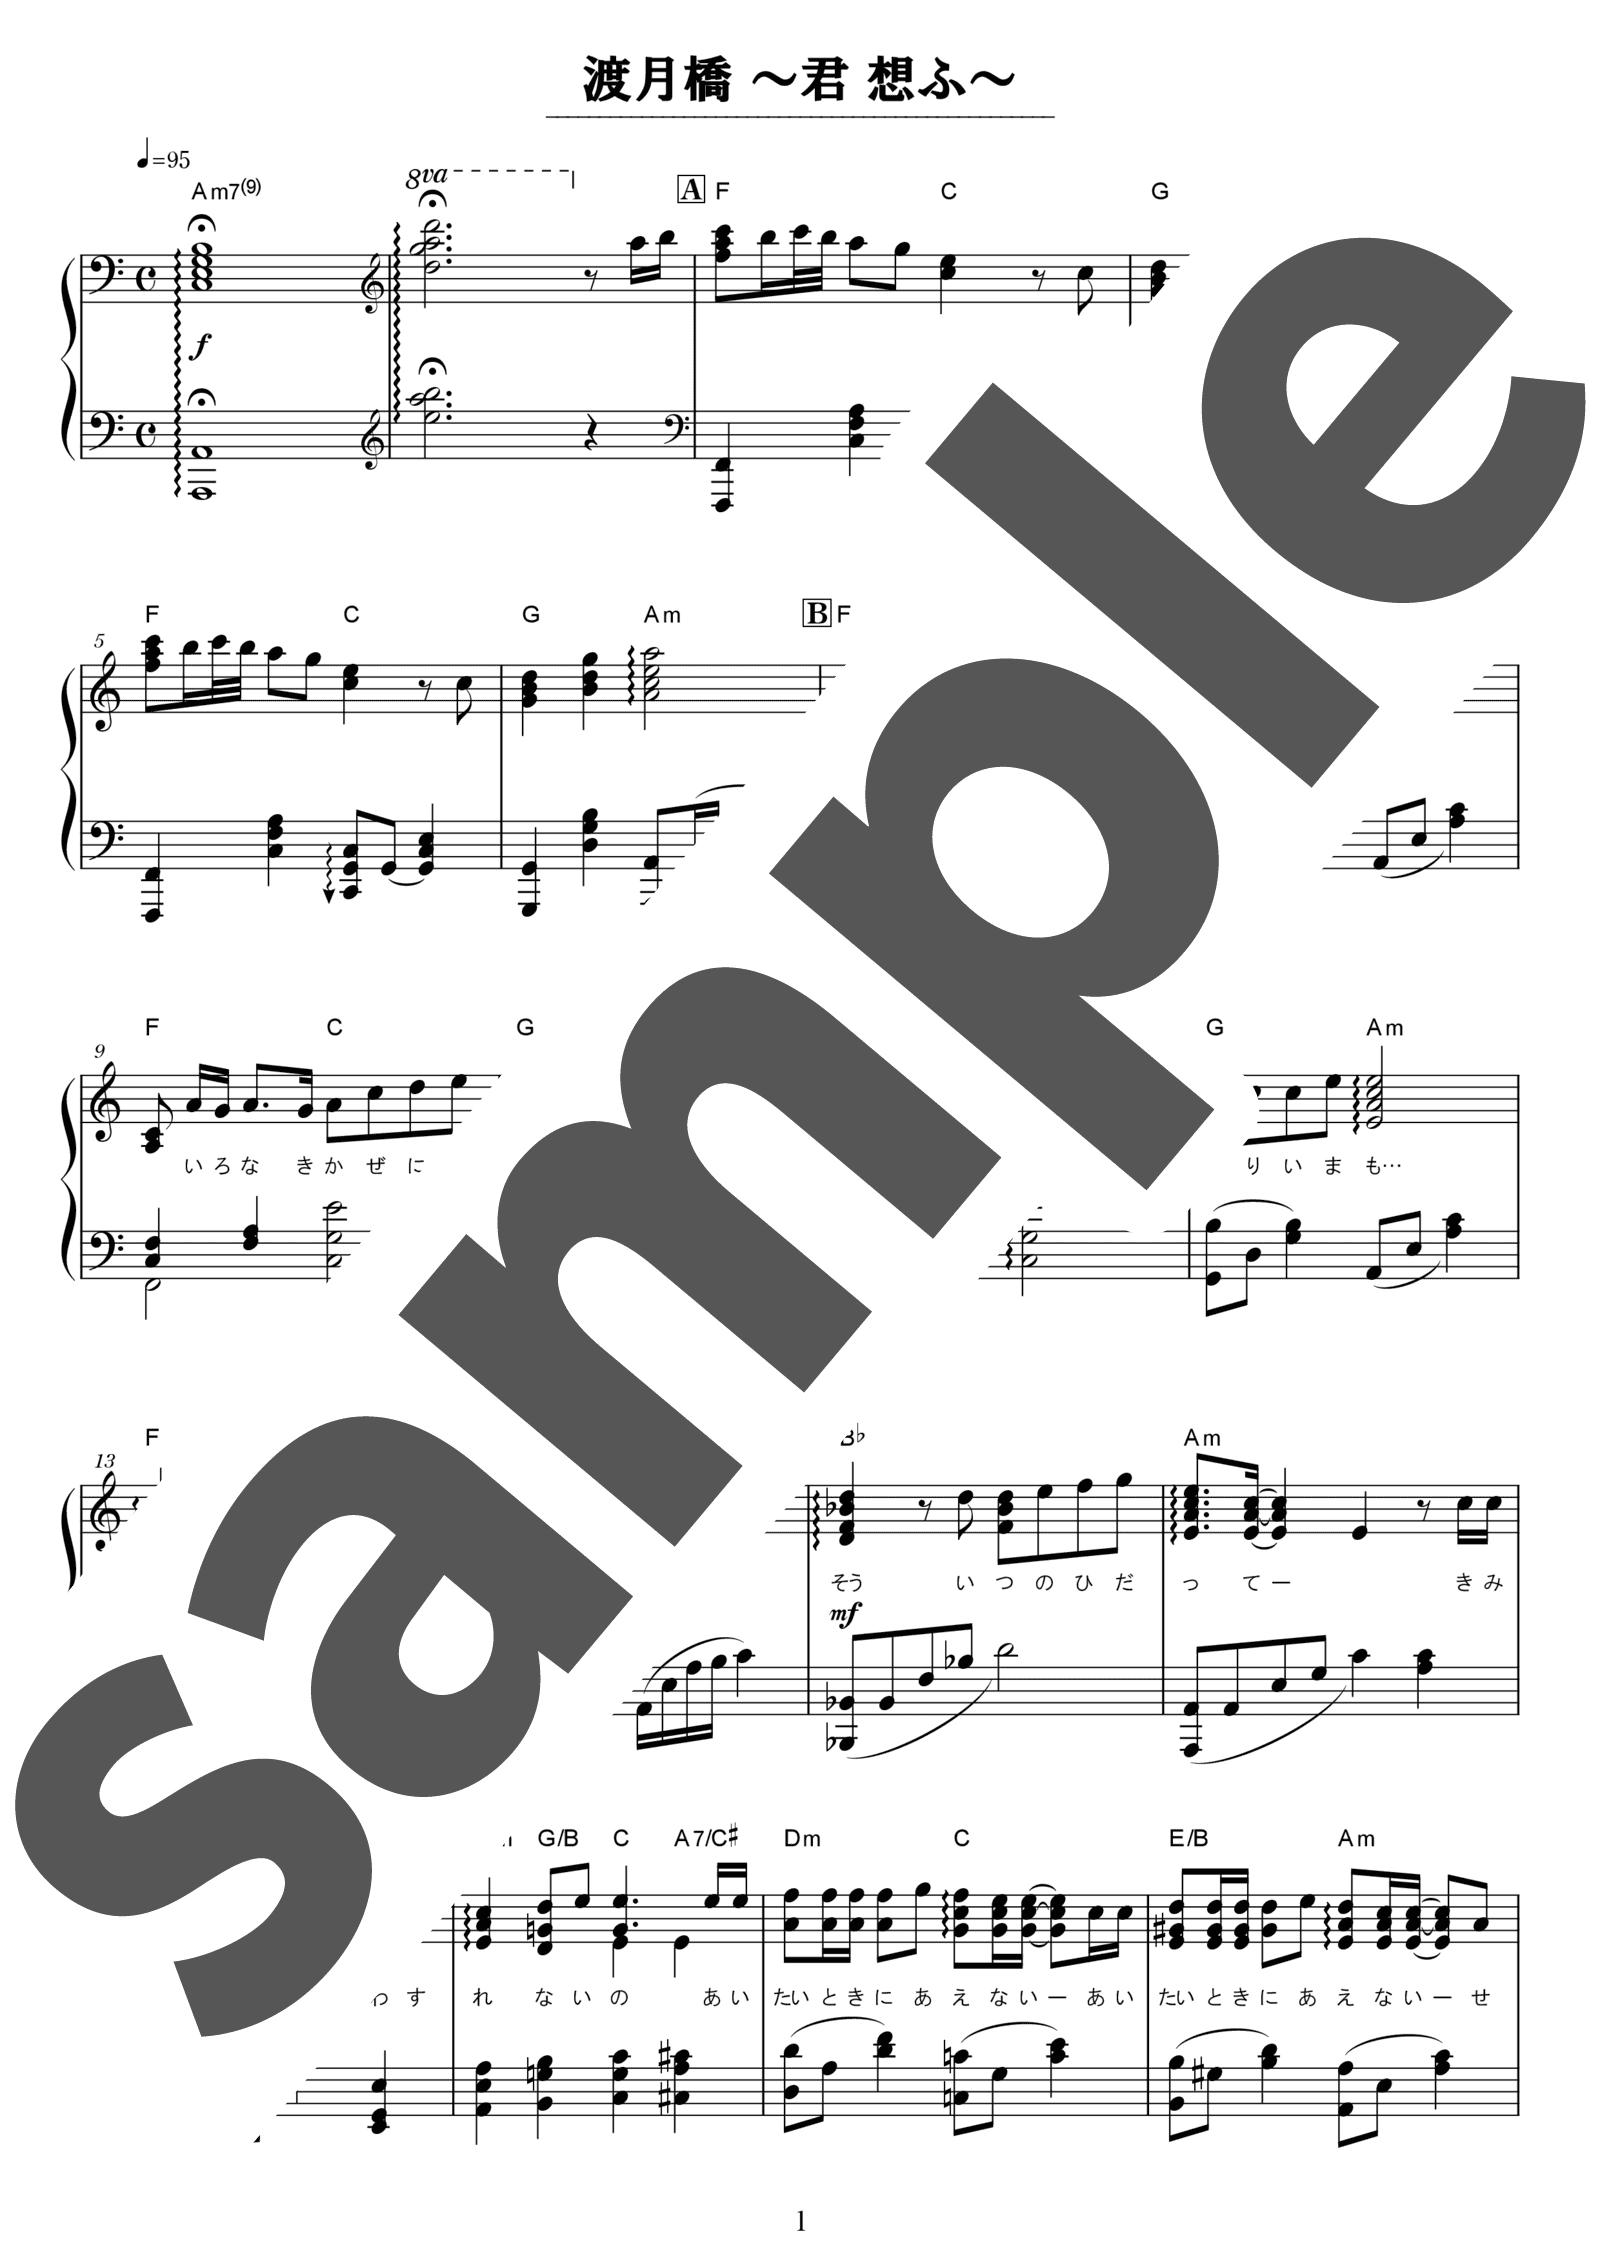 「渡月橋~君想ふ~」のサンプル楽譜